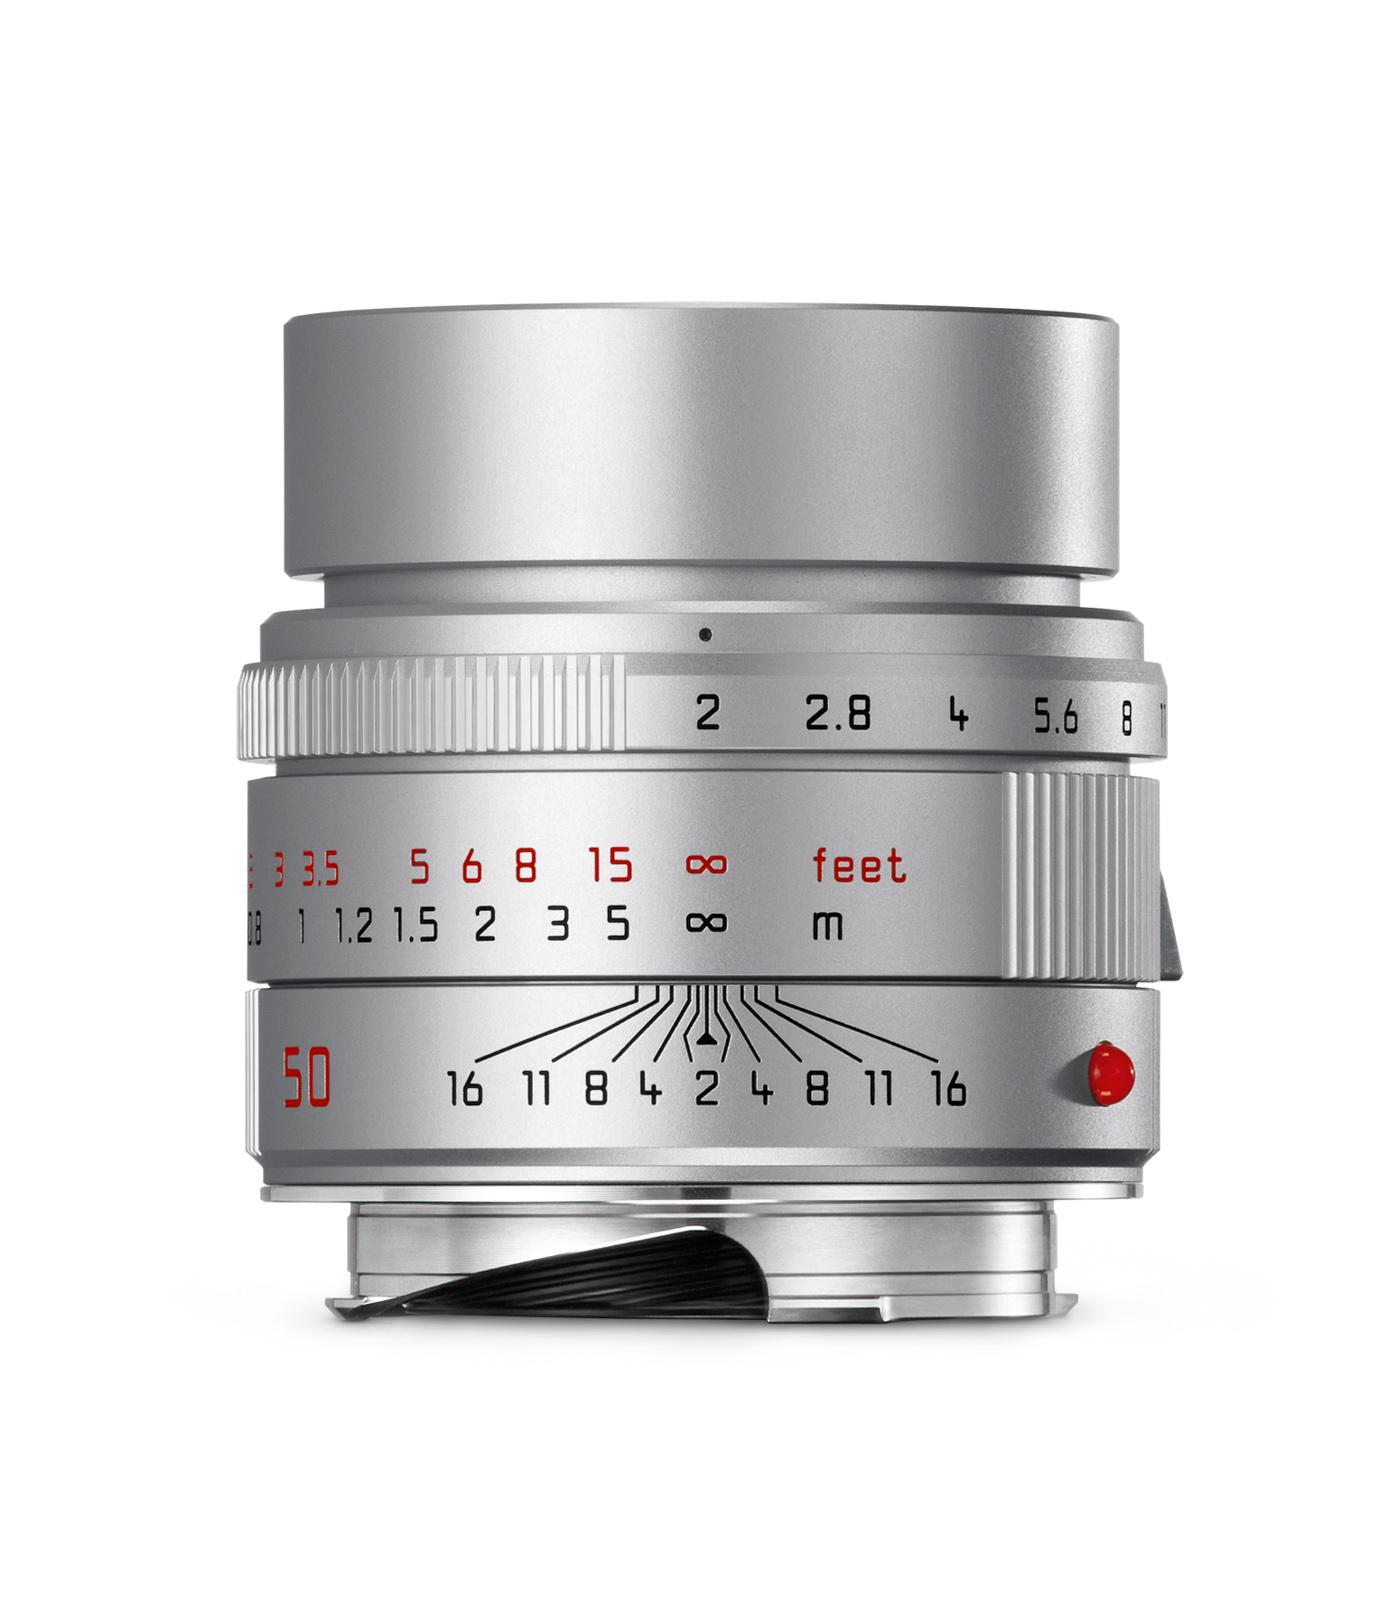 Leica APO-summicron-m 1:2.0/50  ASPH